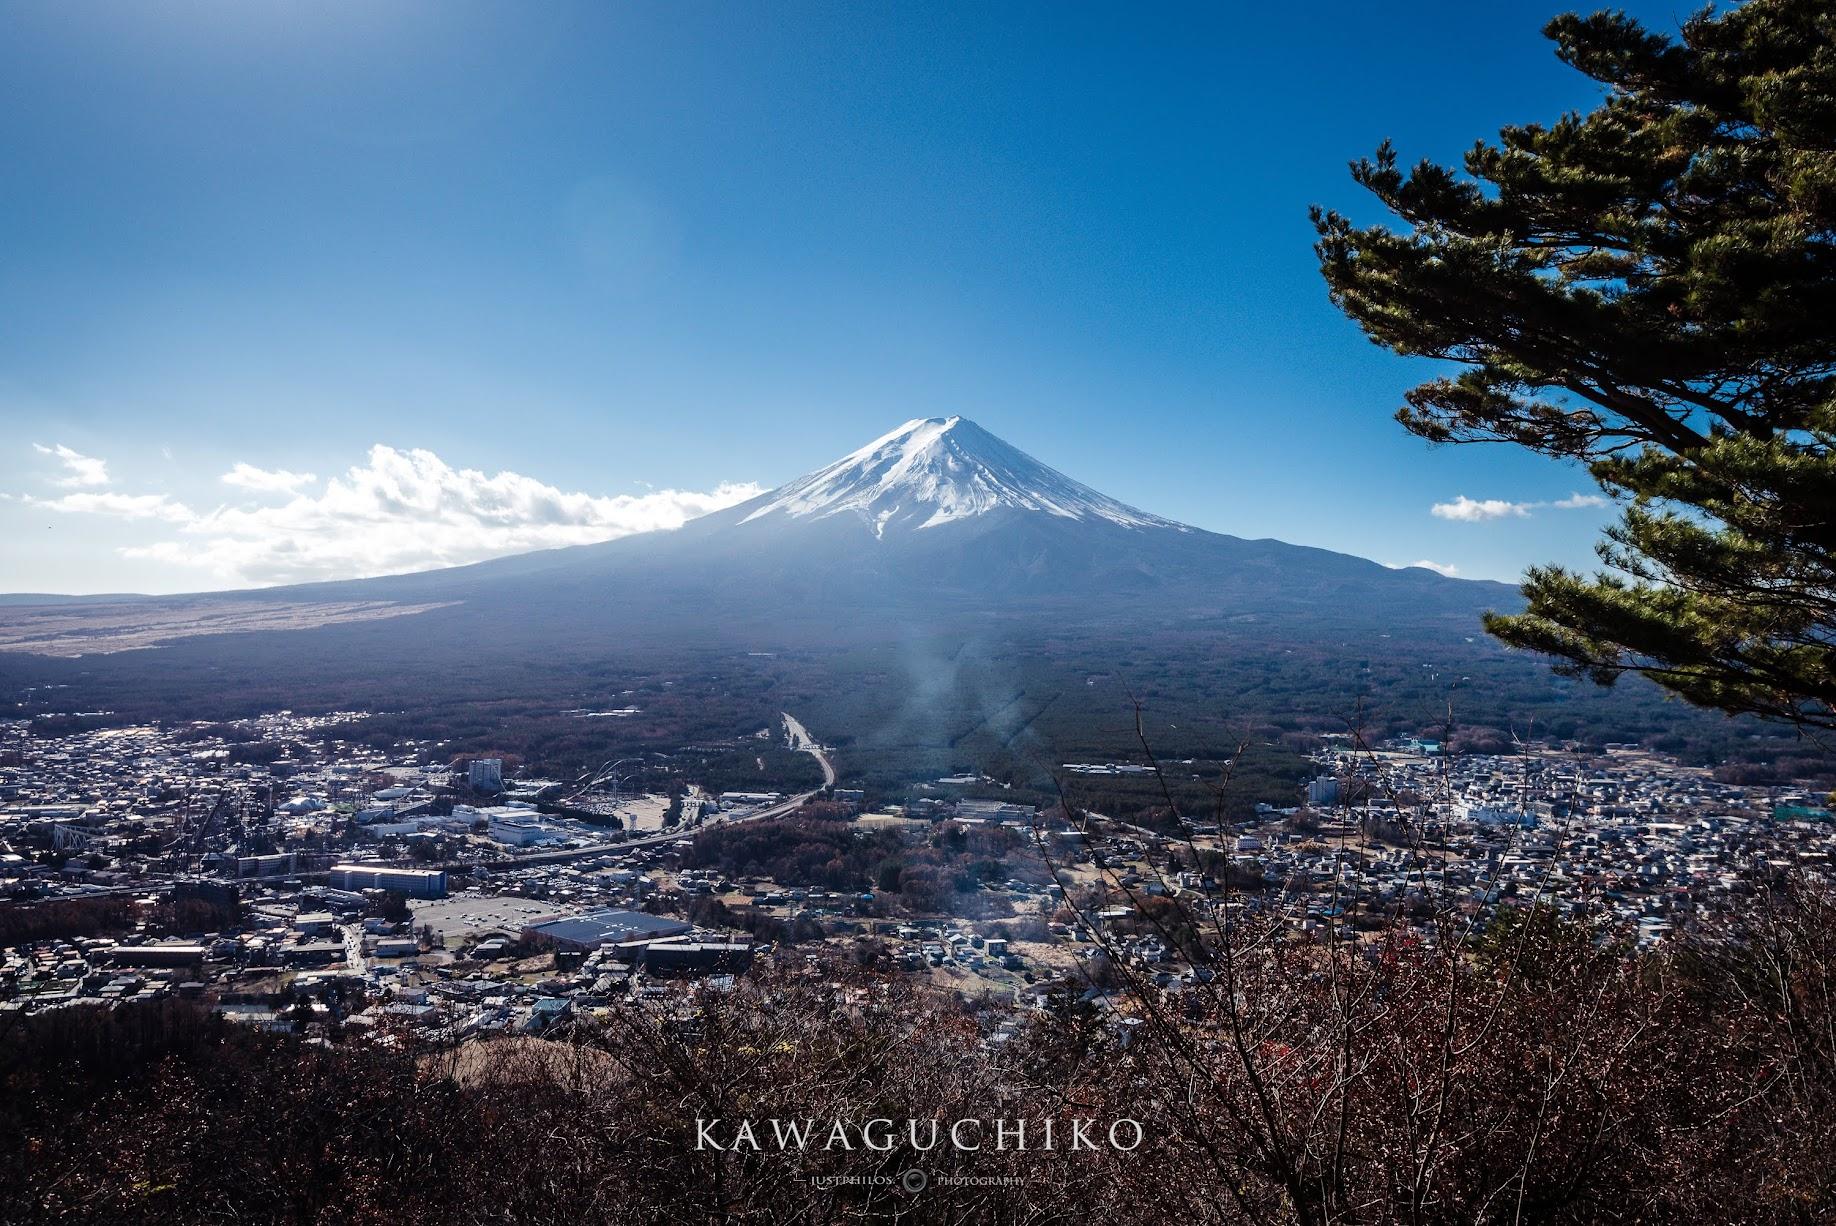 天上山公園可以一覽無遺的眺望富士山。